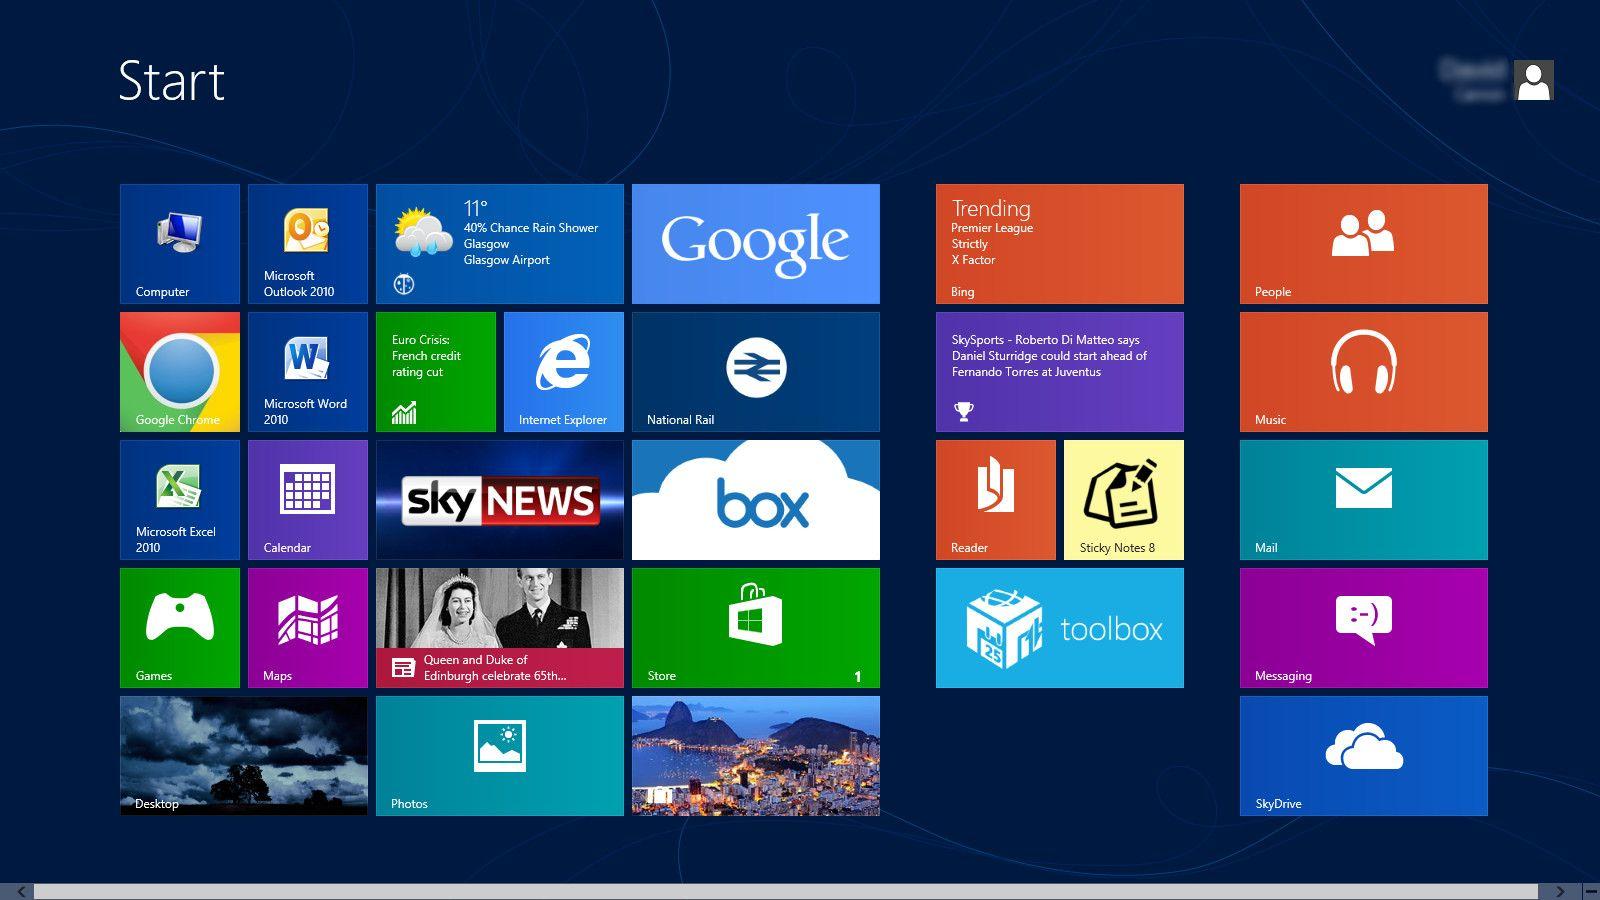 تعلم أختيار وتحميل إياً من إصدارات Windows 8.1 الأصلية بلغتك المفضلة من موقع مايكروسوفت